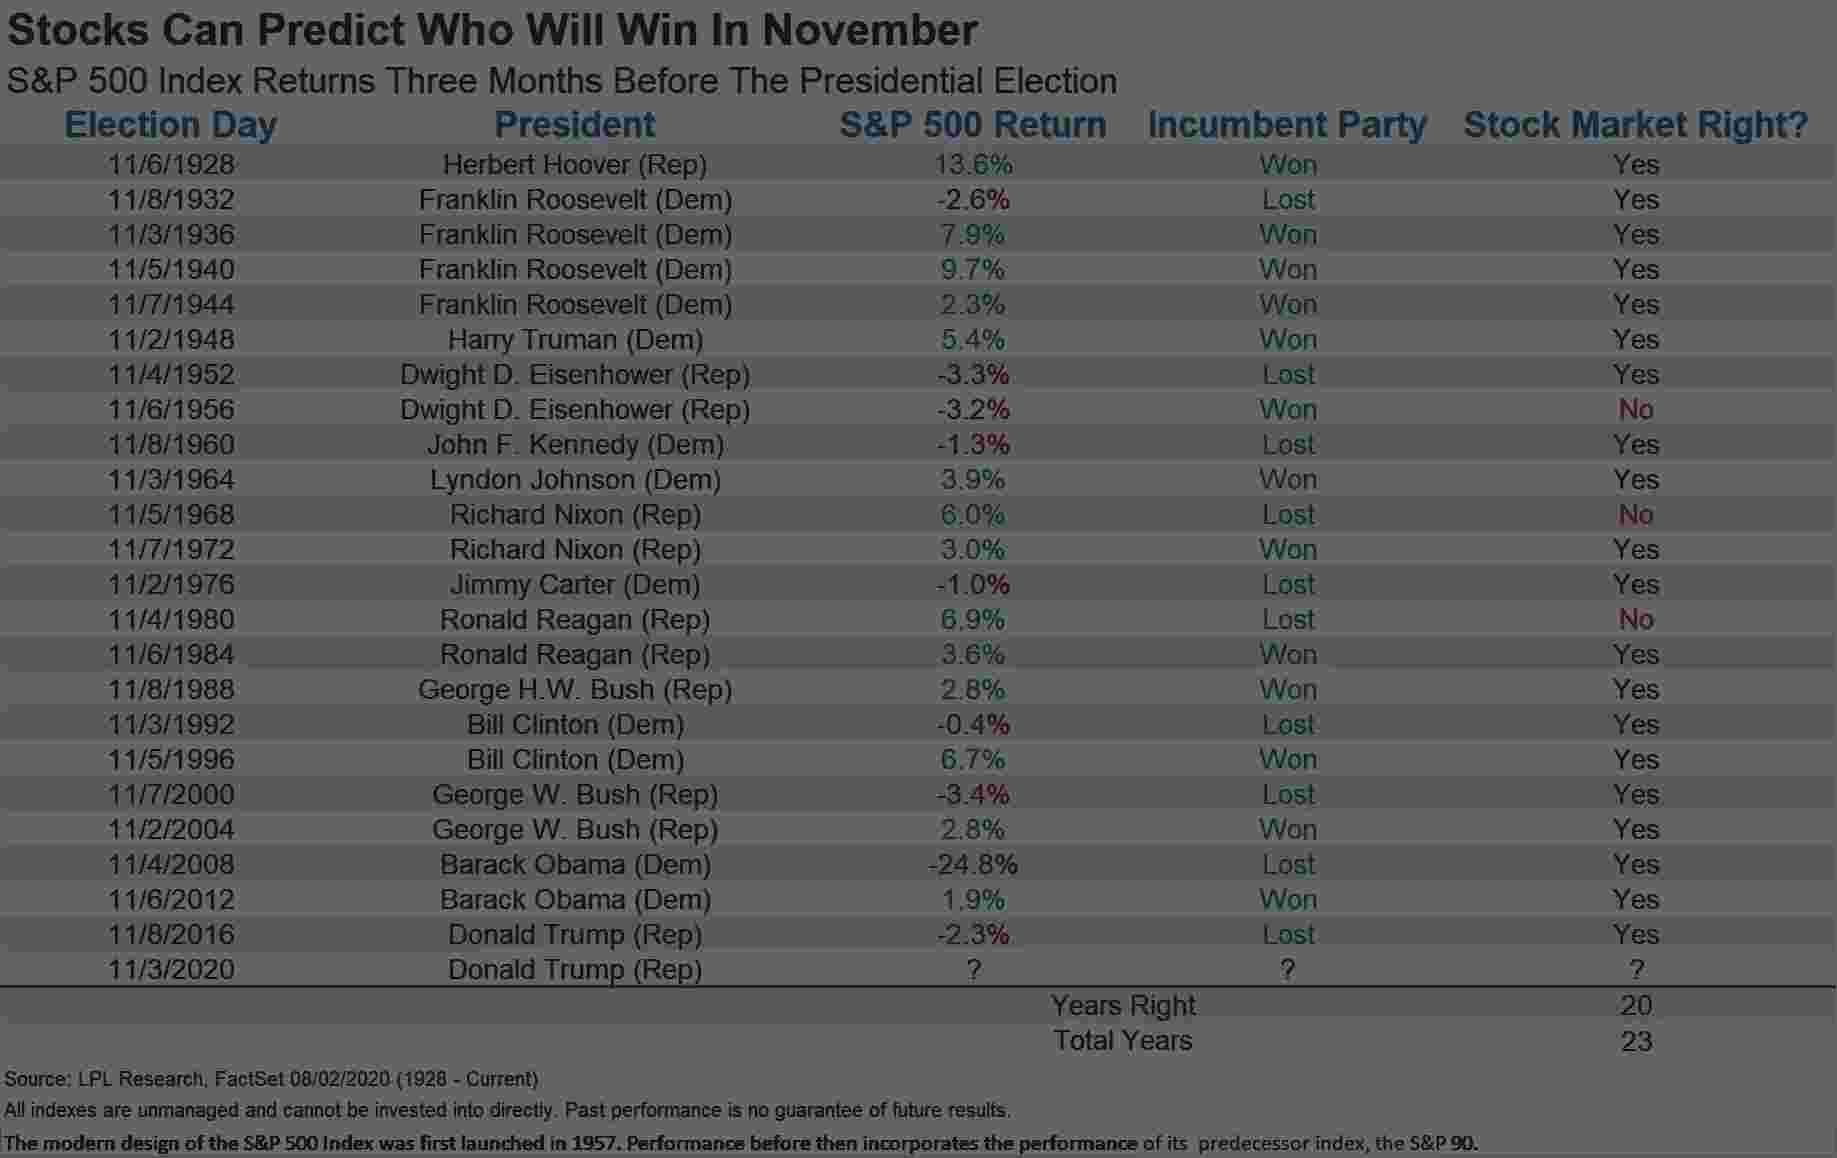 一文看懂历届大选和标普500指数的关系